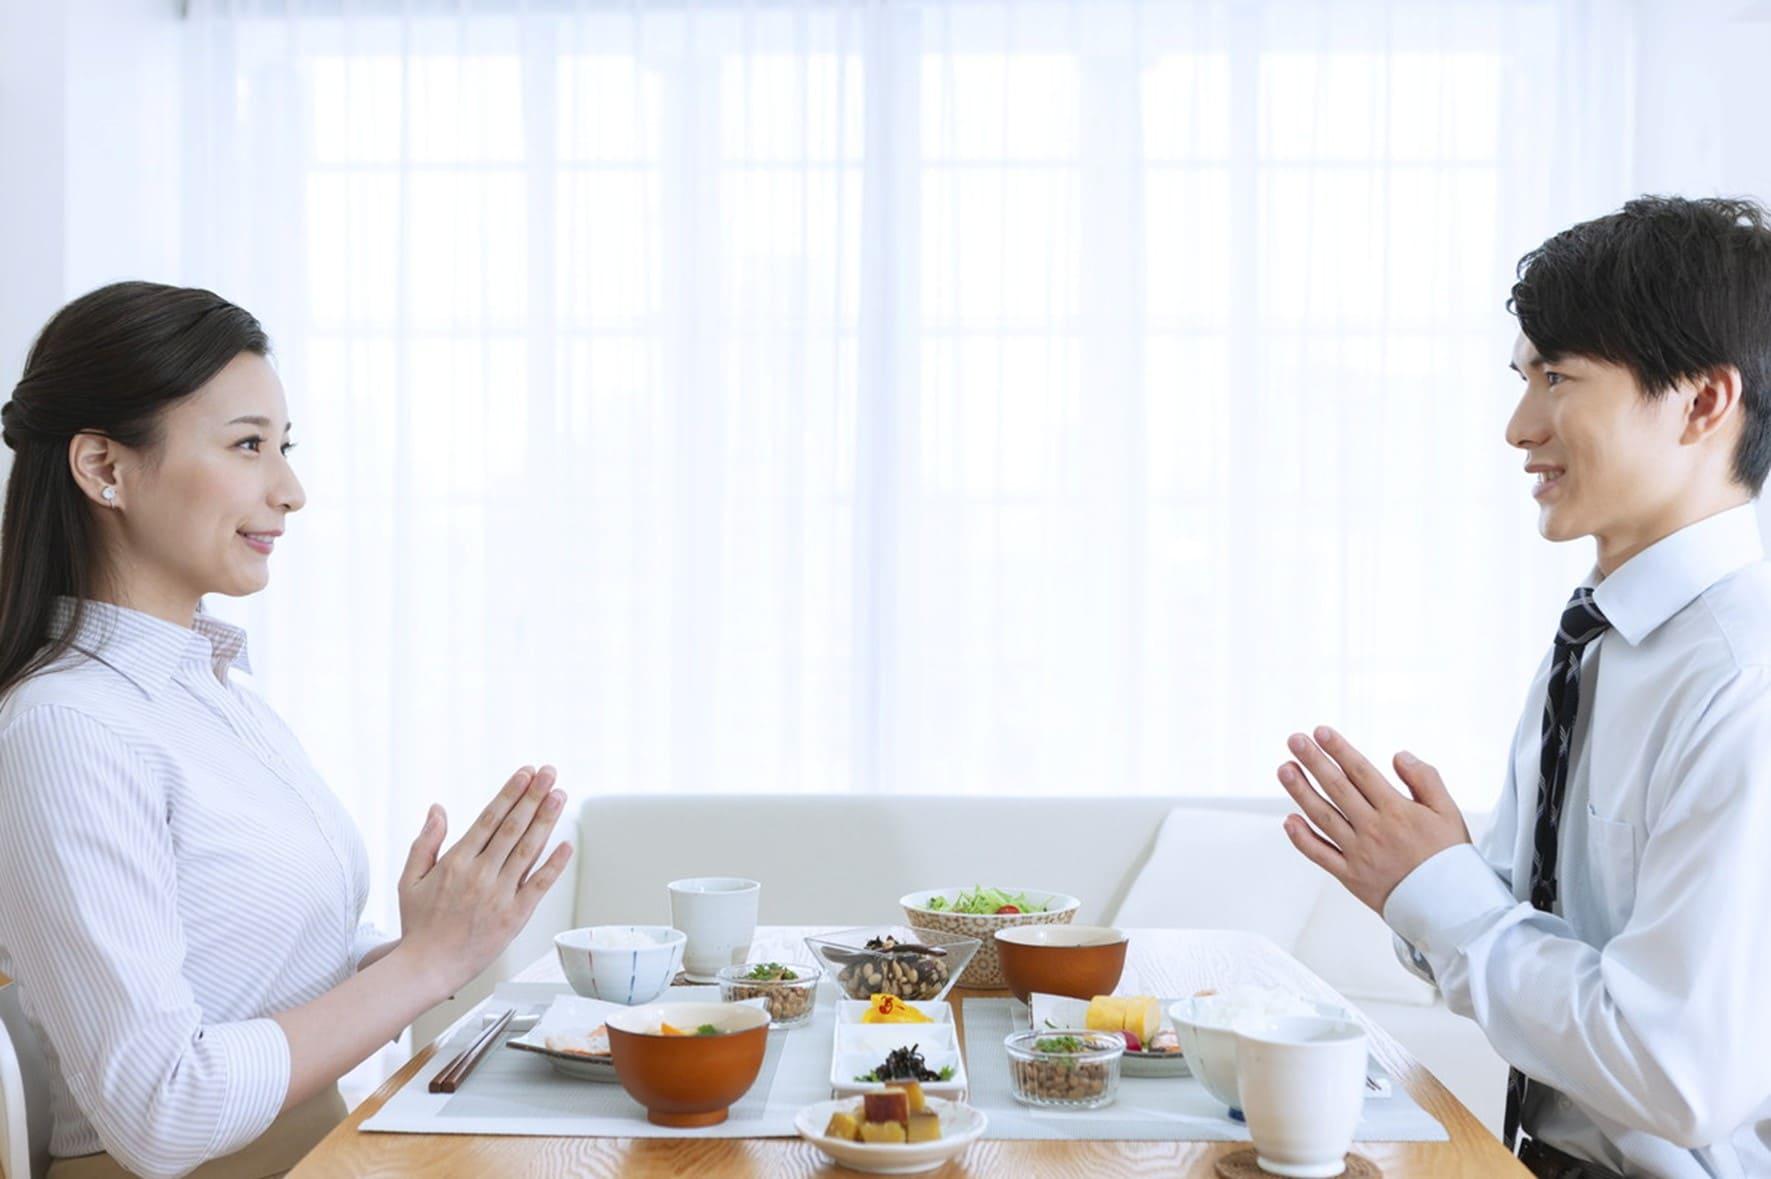 【共働き夫婦必見】結婚後のお金の管理はどうする?